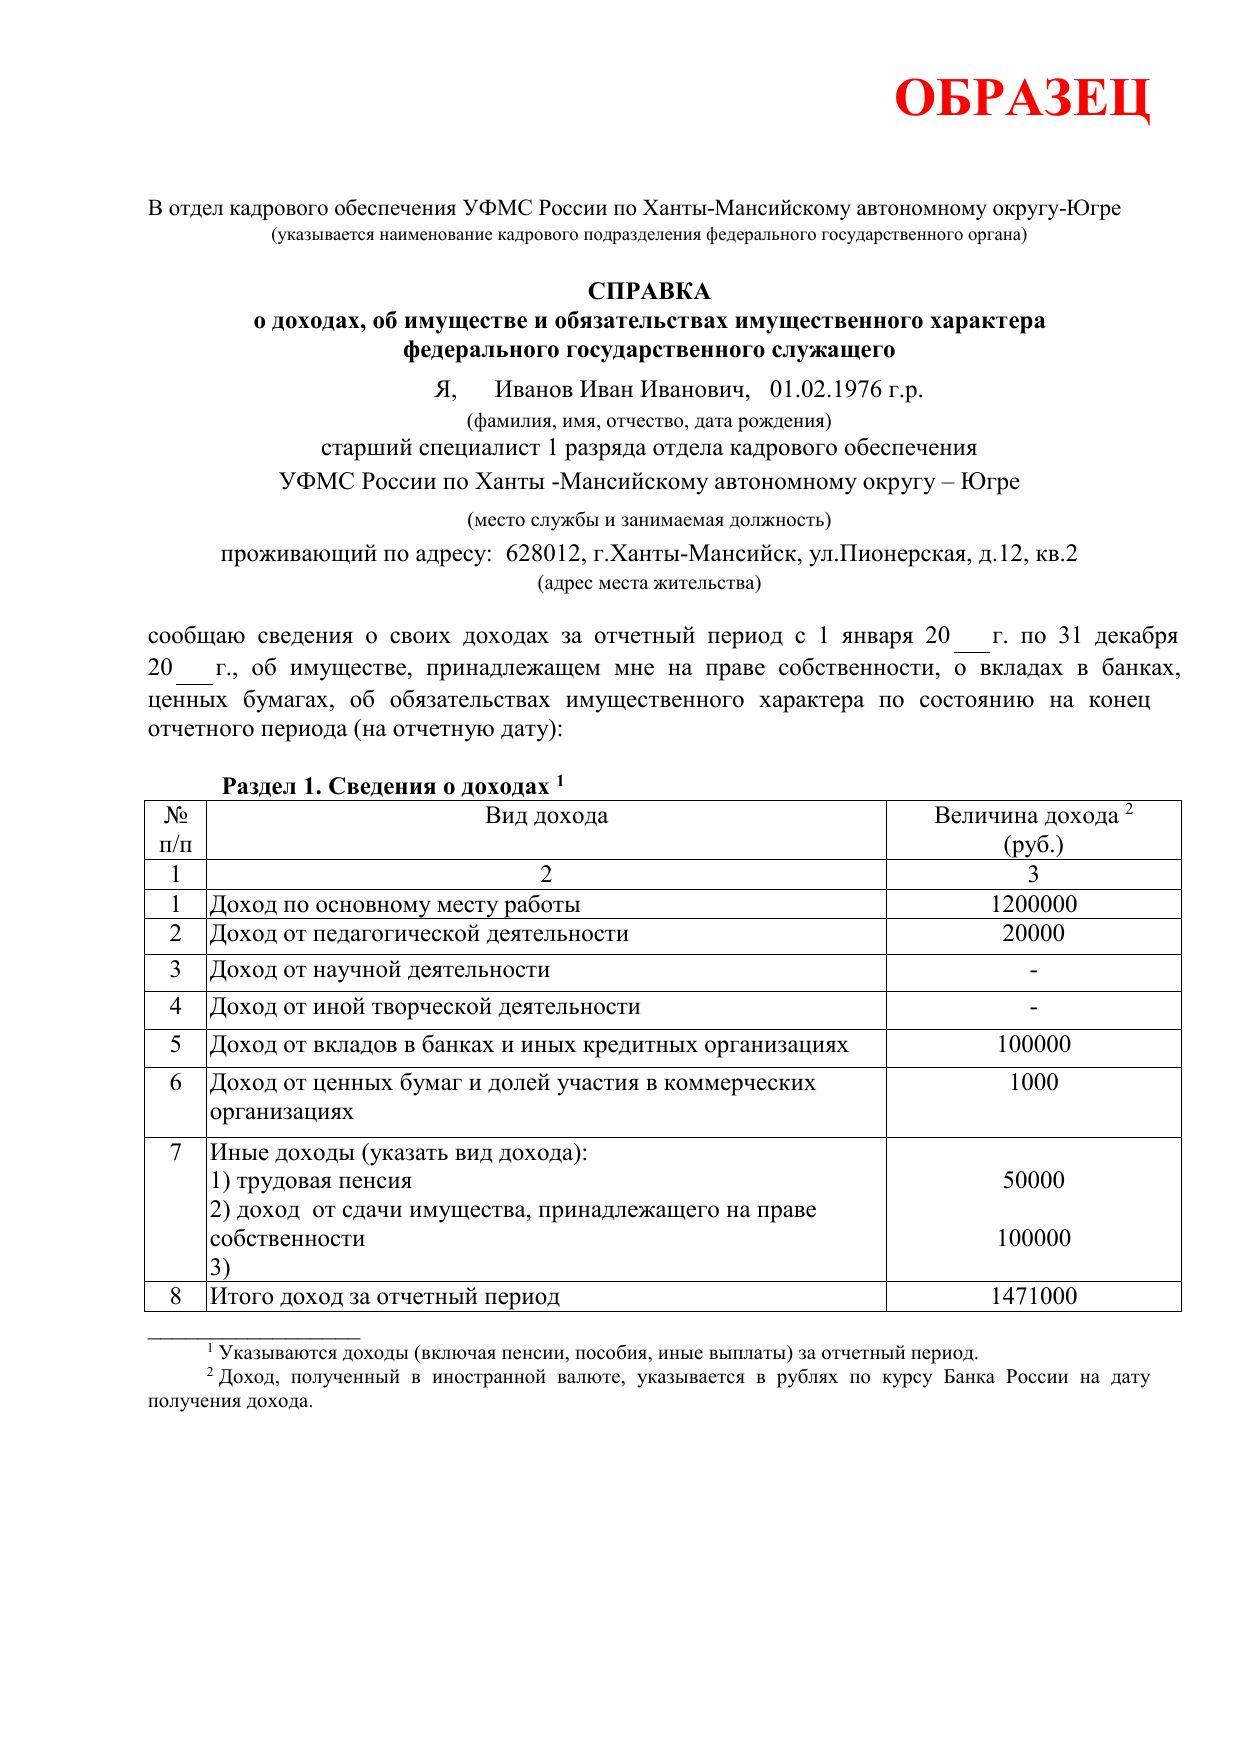 Методические рекомендации по заполнению справки о доходах, об имуществе и обязательствах имущественного характера